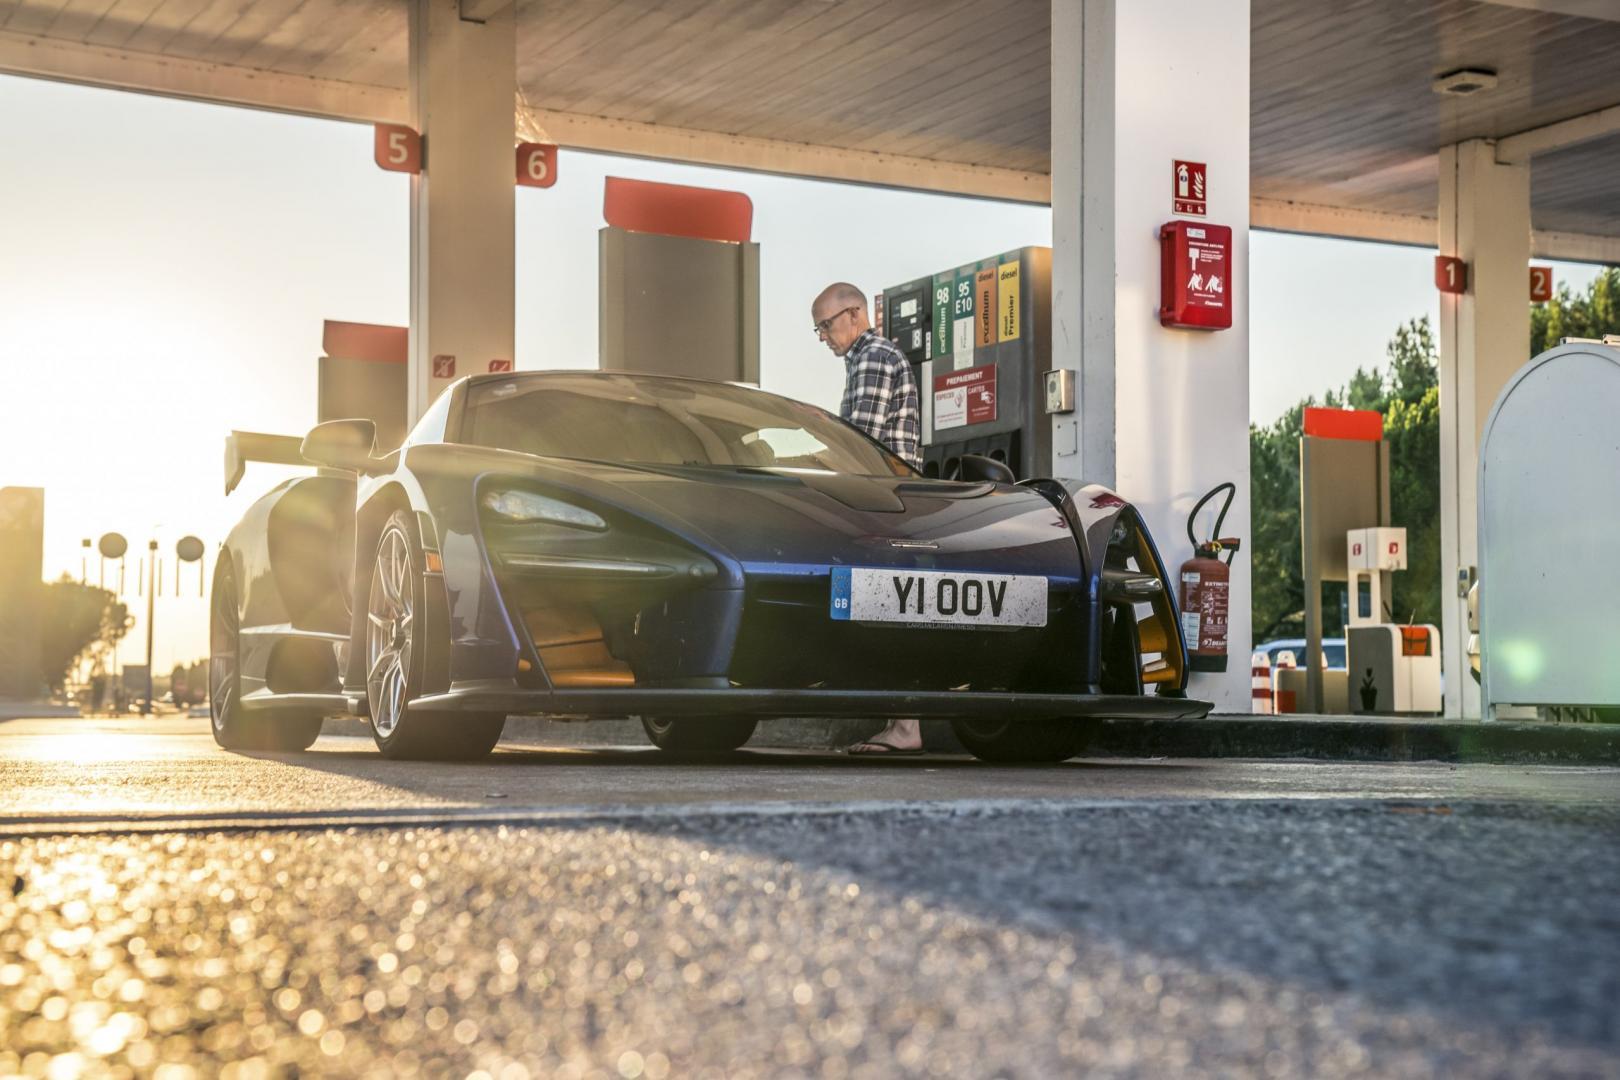 McLaren Senna tankstation tanken bij de snelwegpomp